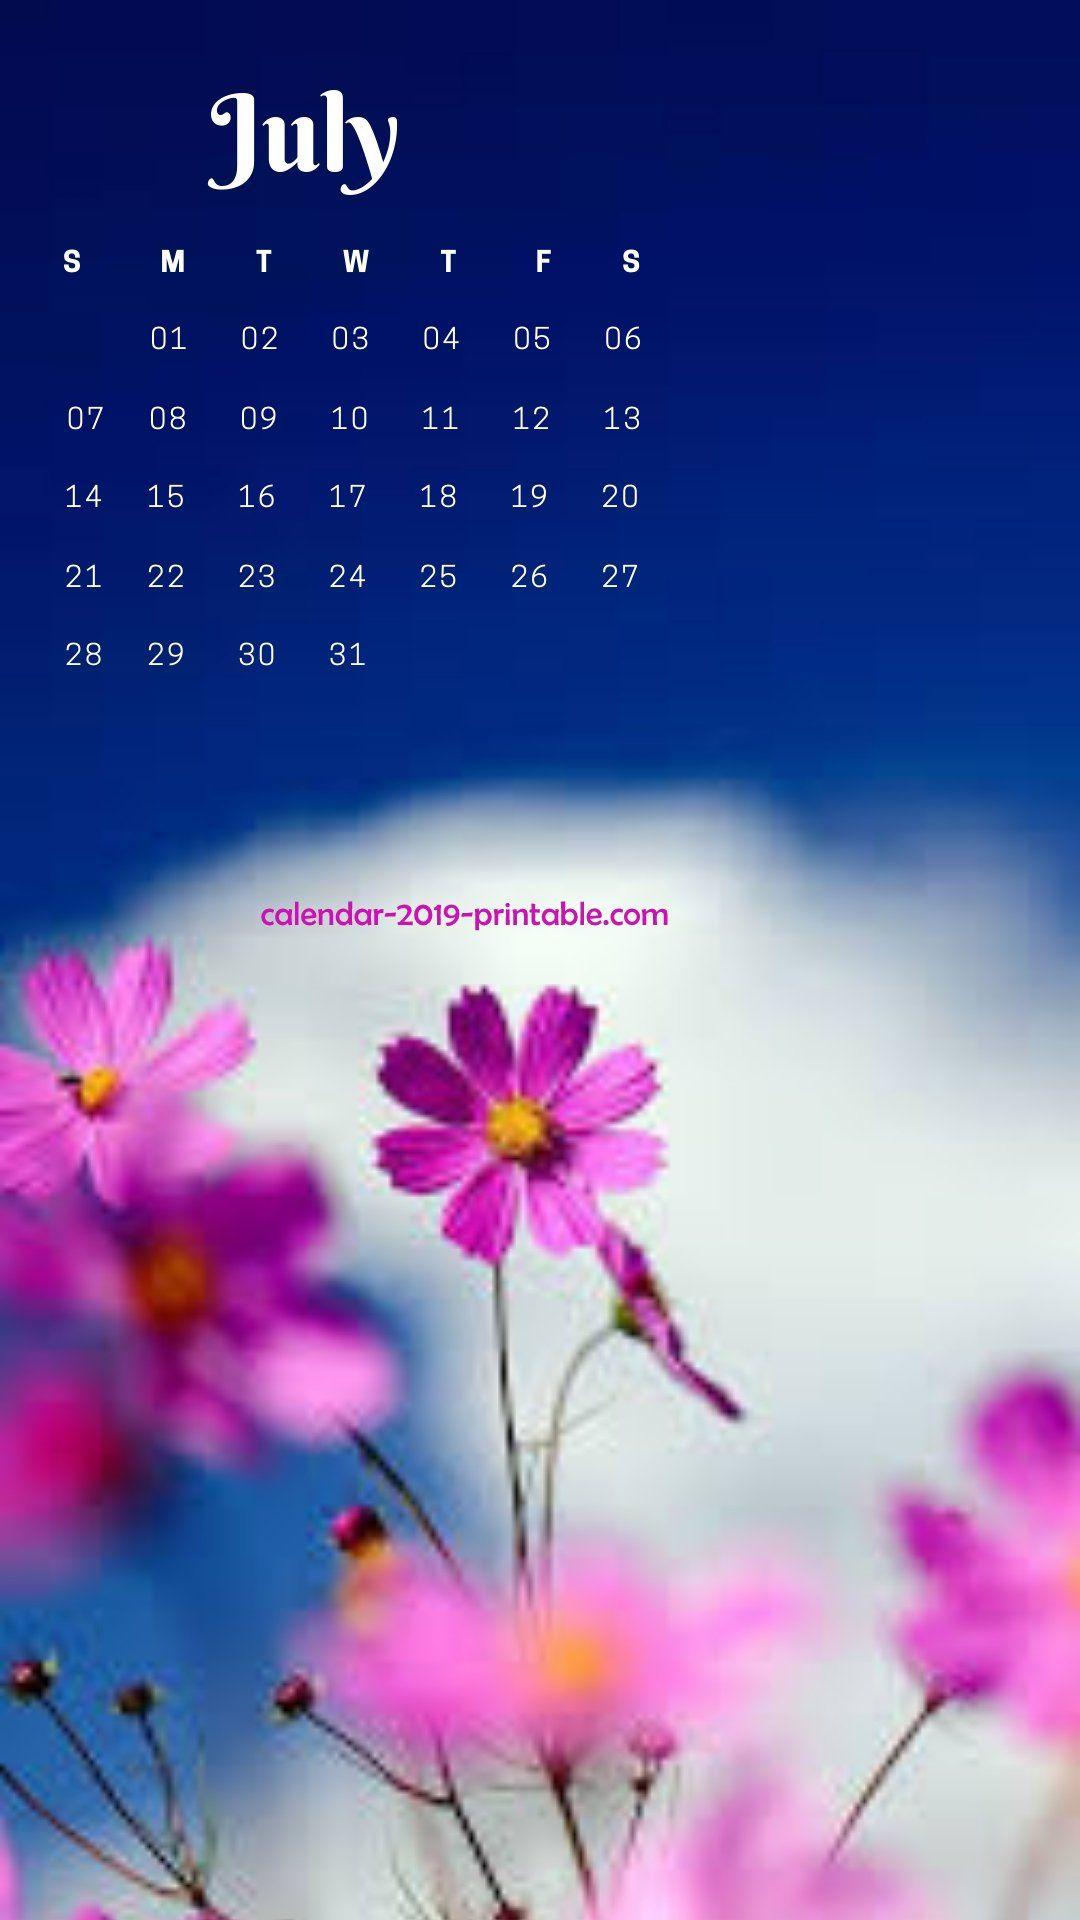 July 2019 Iphone Flower Wallpaper Calendar Wallpaper Calendar July Calendar